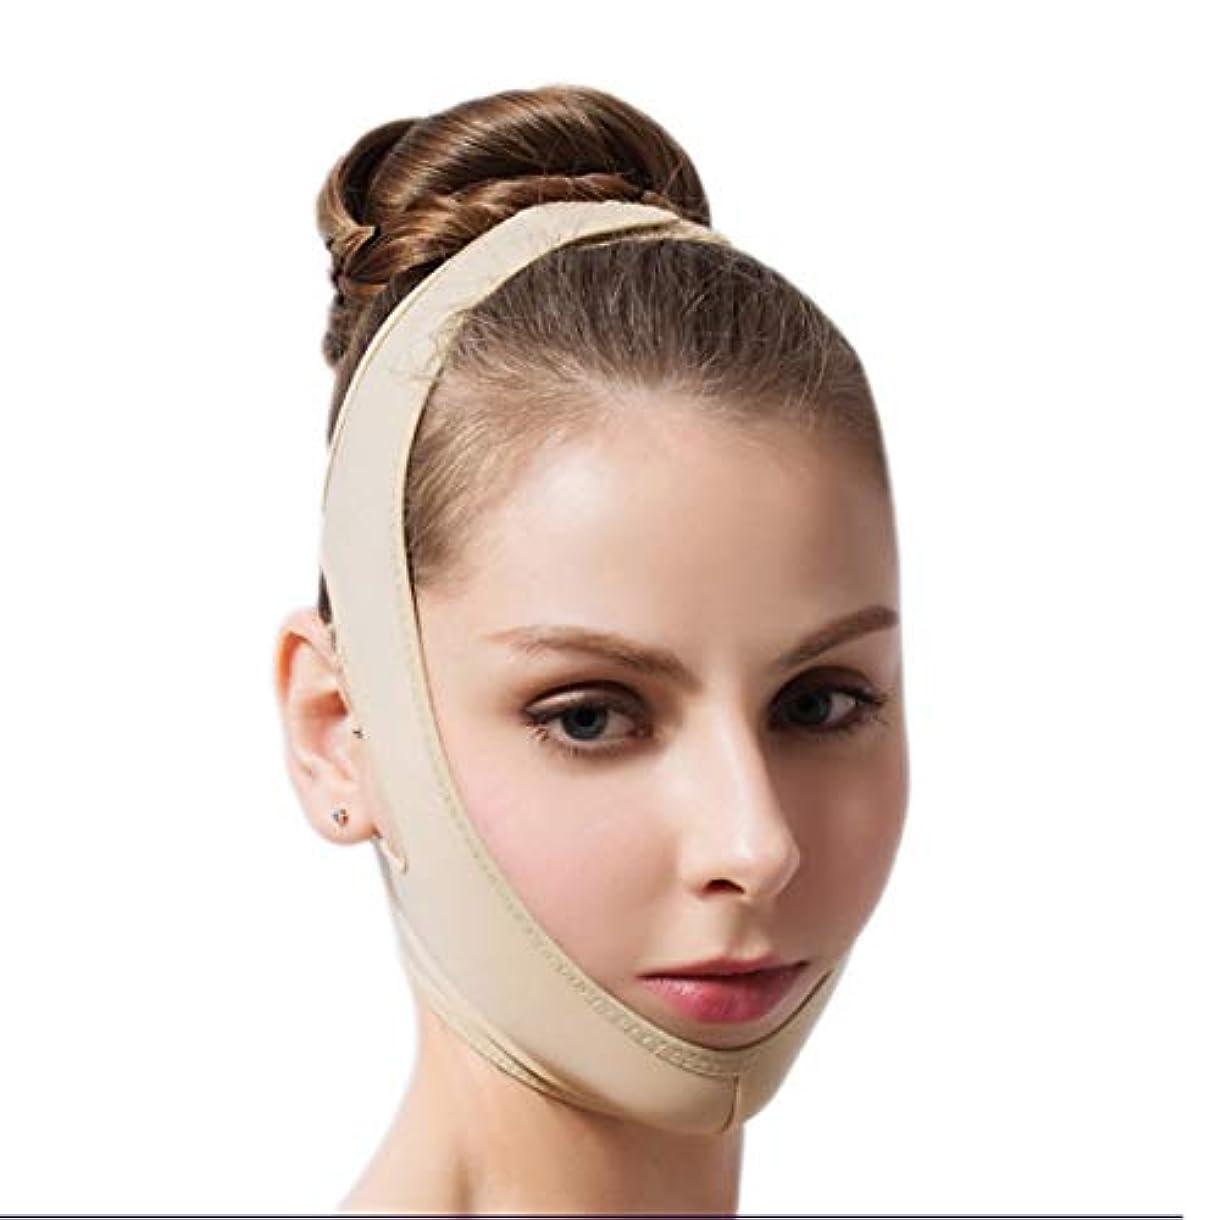 優越扱うガジュマルZWBD フェイスマスク, フェイスリフト包帯V整形術後回復包帯医療グレードマスクバンドルジョー二重あご (Size : L)